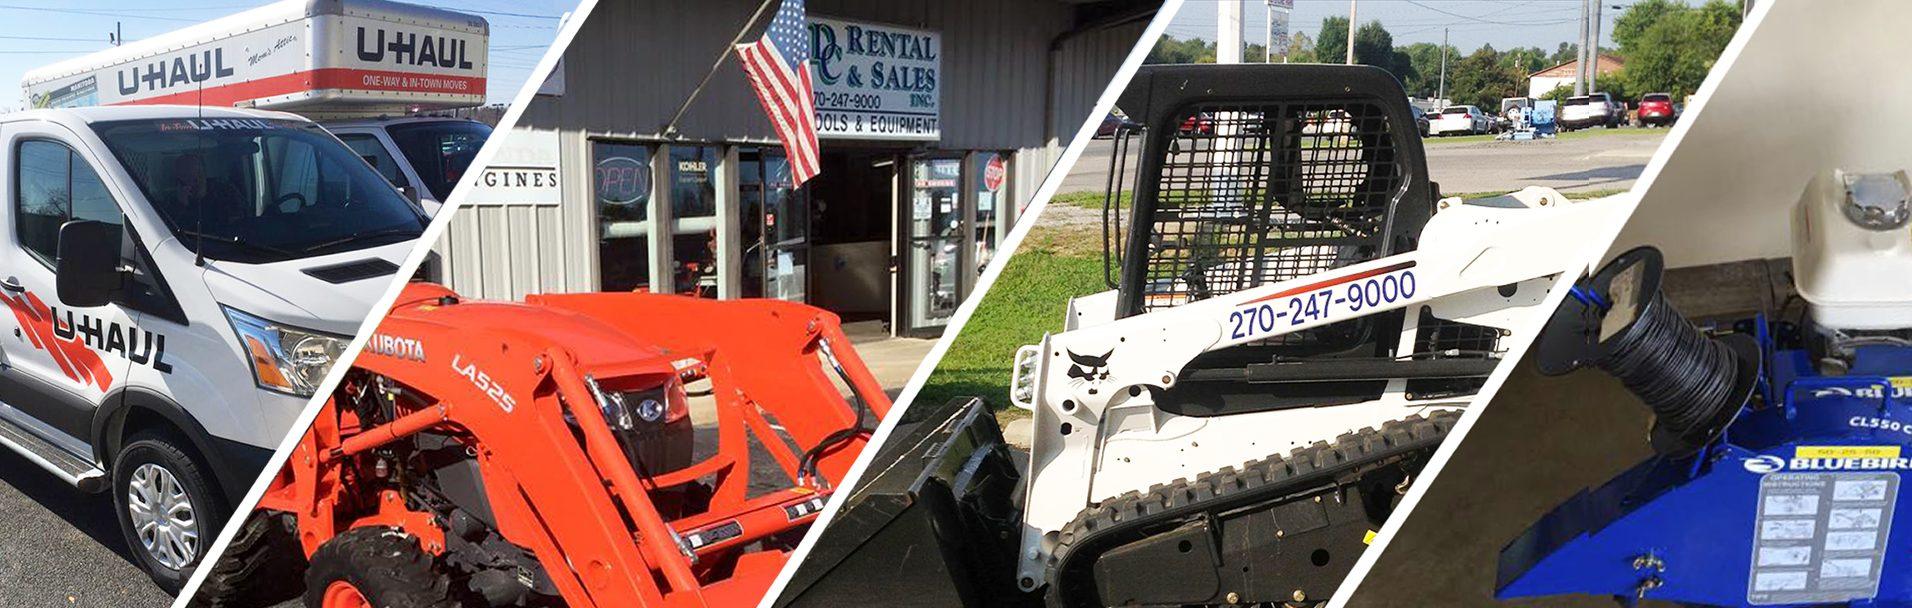 Home Dc Rental Sales Mayfield Ky Equipment Rental Tool Rental